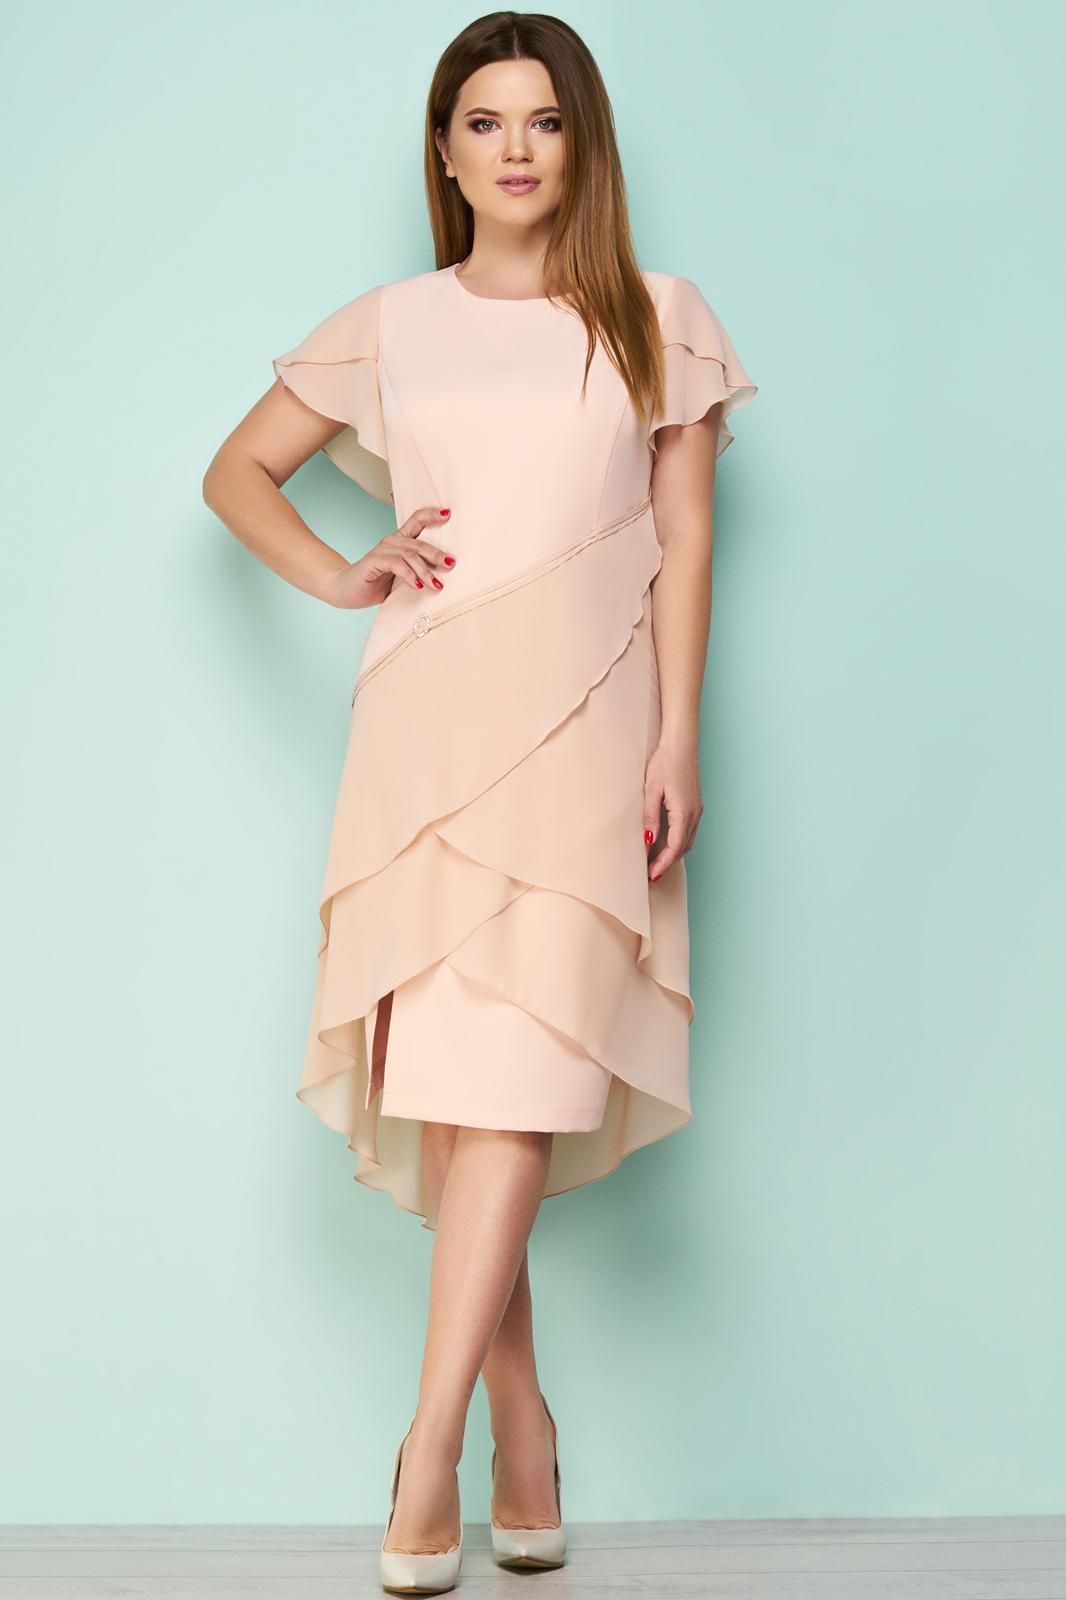 Купить Платье Lady Secret, 3529 пудра, Беларусь